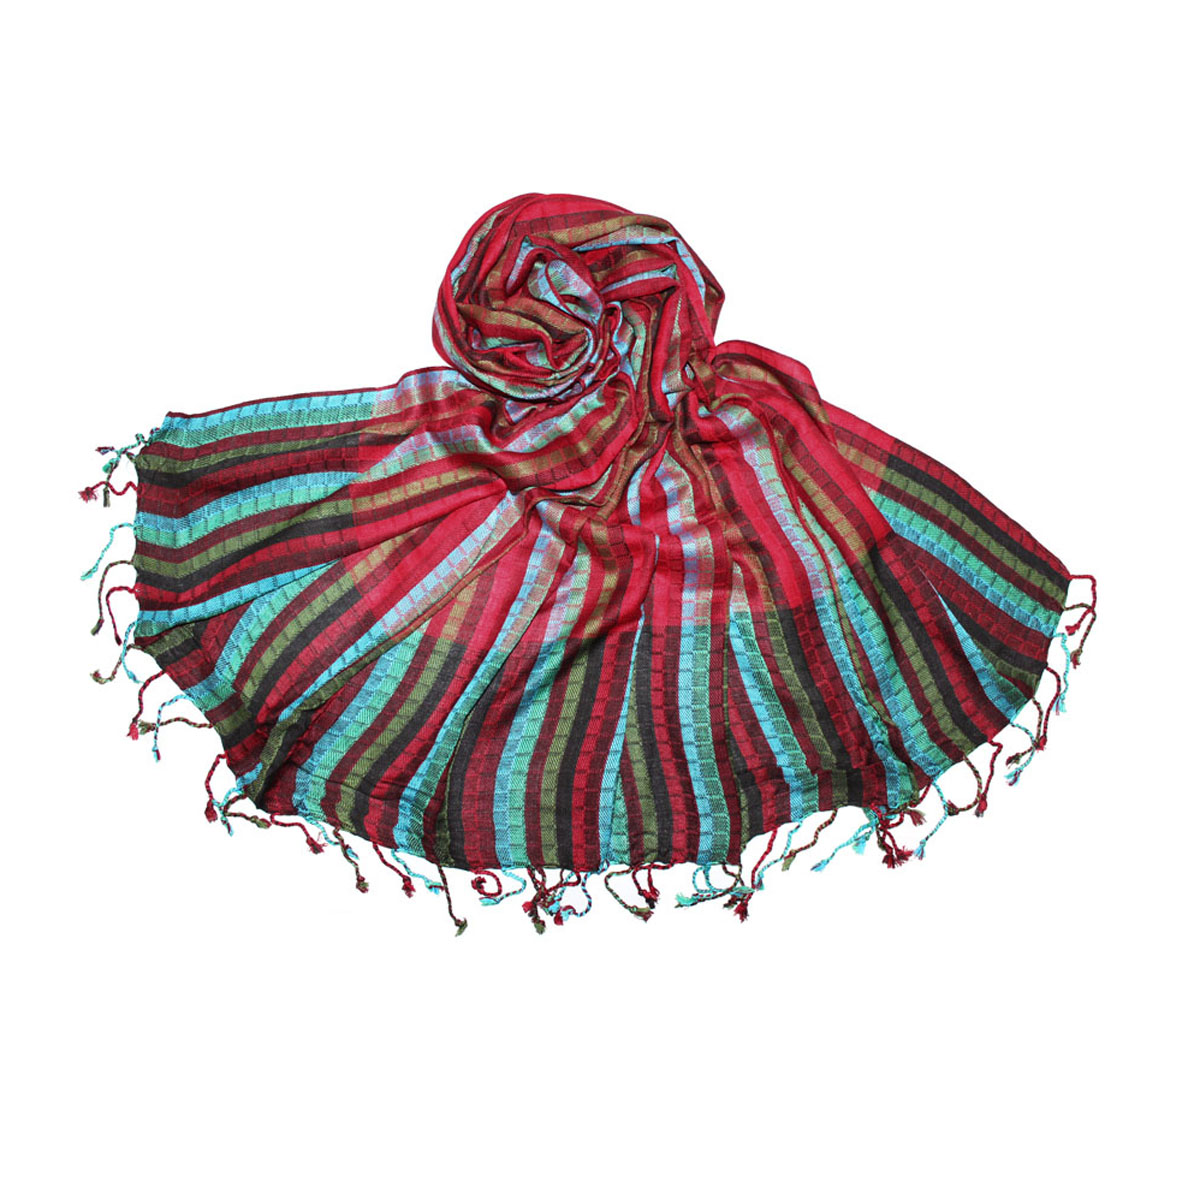 Палантин Ethnica, цвет: красный, зеленый, голубой. 443110н. Размер 70 см х 180 см палантин ethnica цвет голубой оранжевый фисташковый 490300н размер 70 см х 180 см